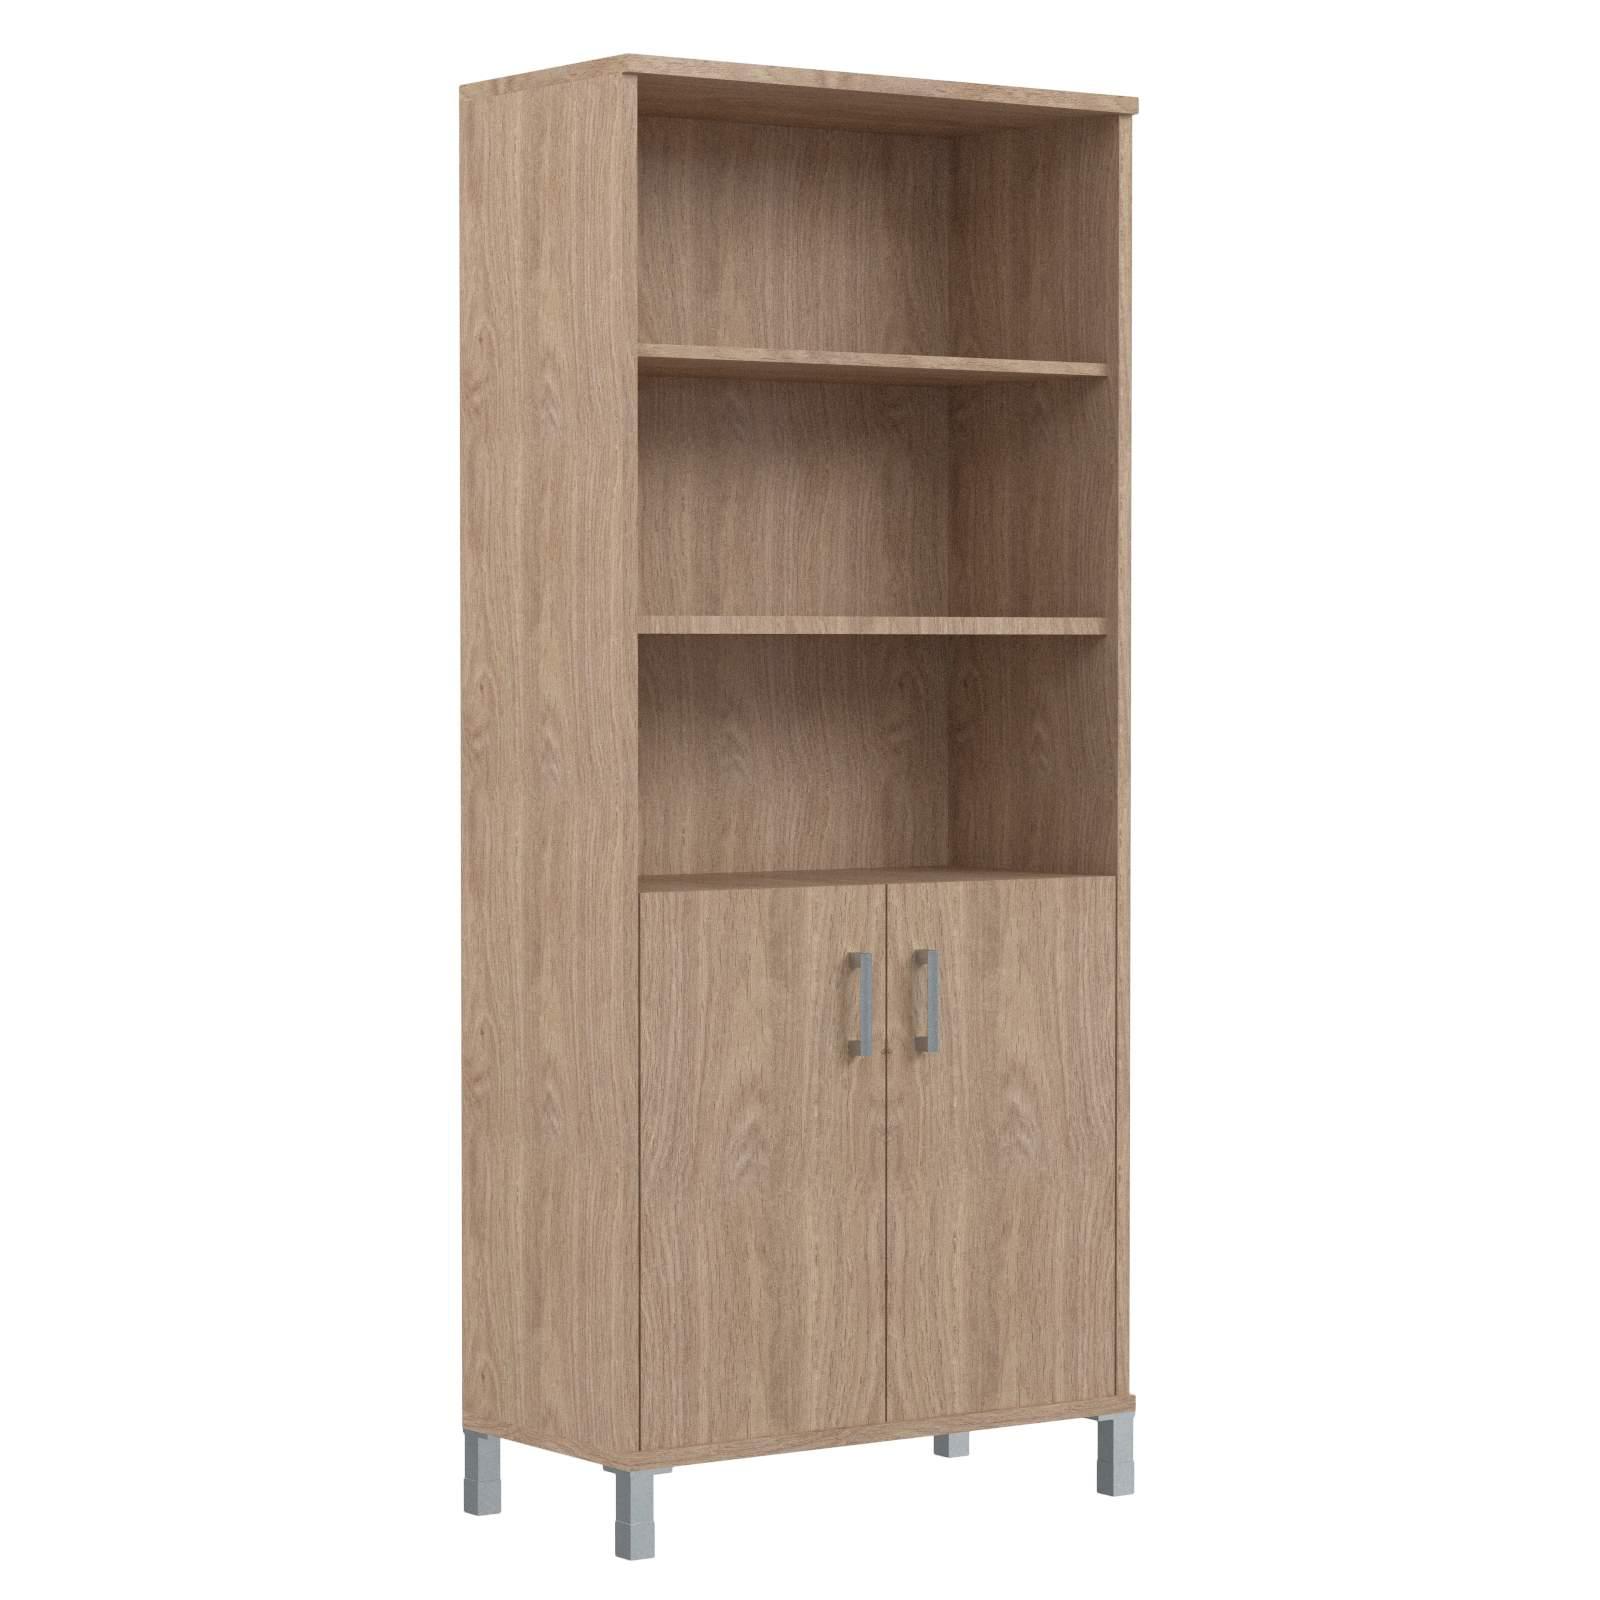 Шкаф высокий с глухими малыми дверьми 900х435х2004